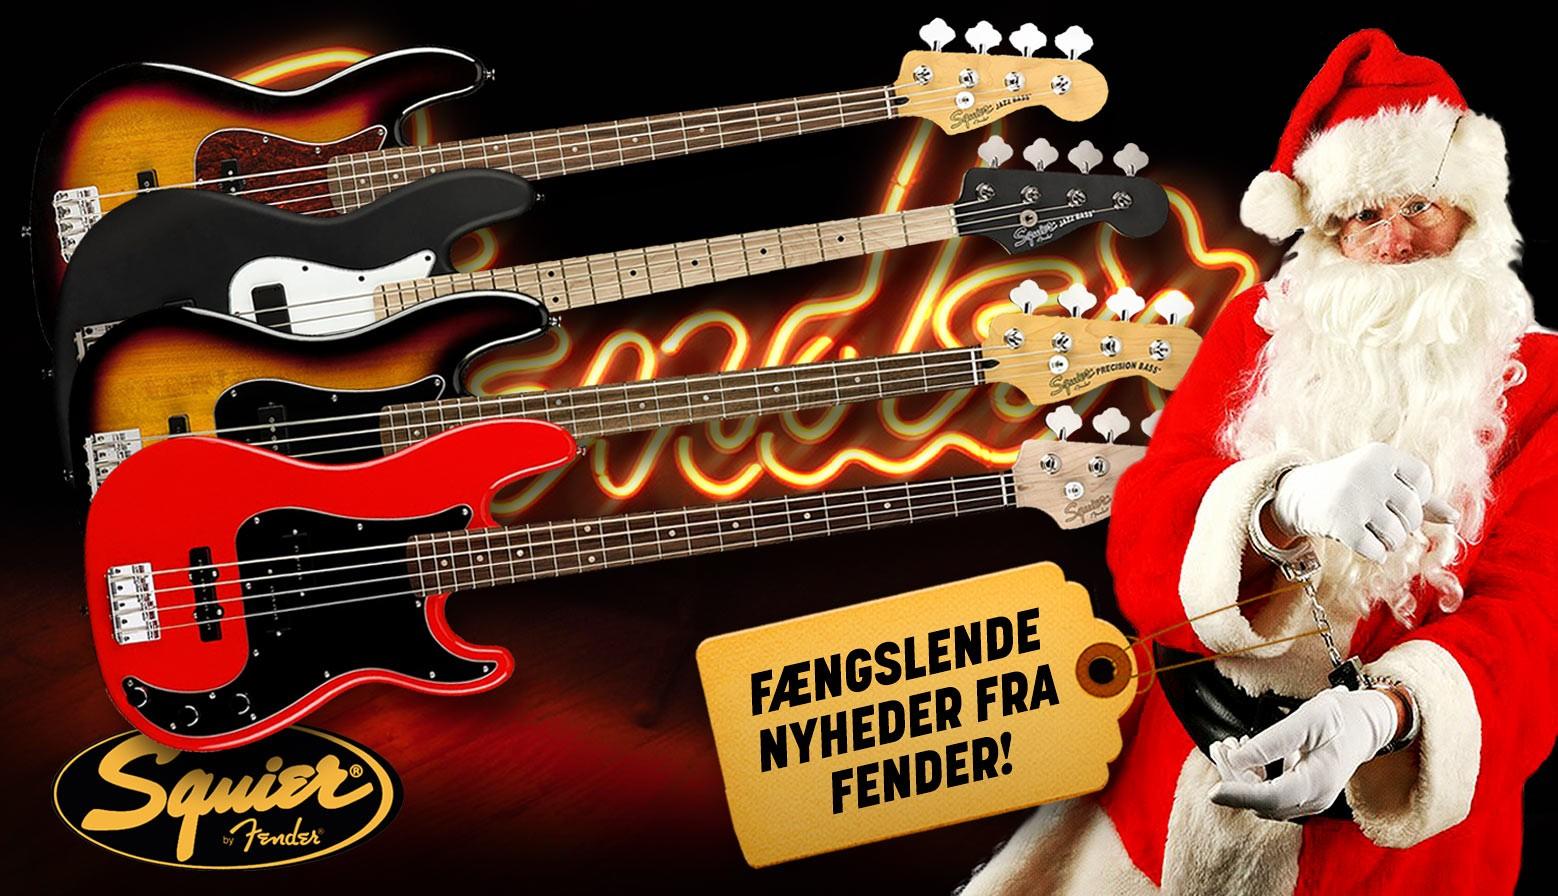 Fender Julebanner